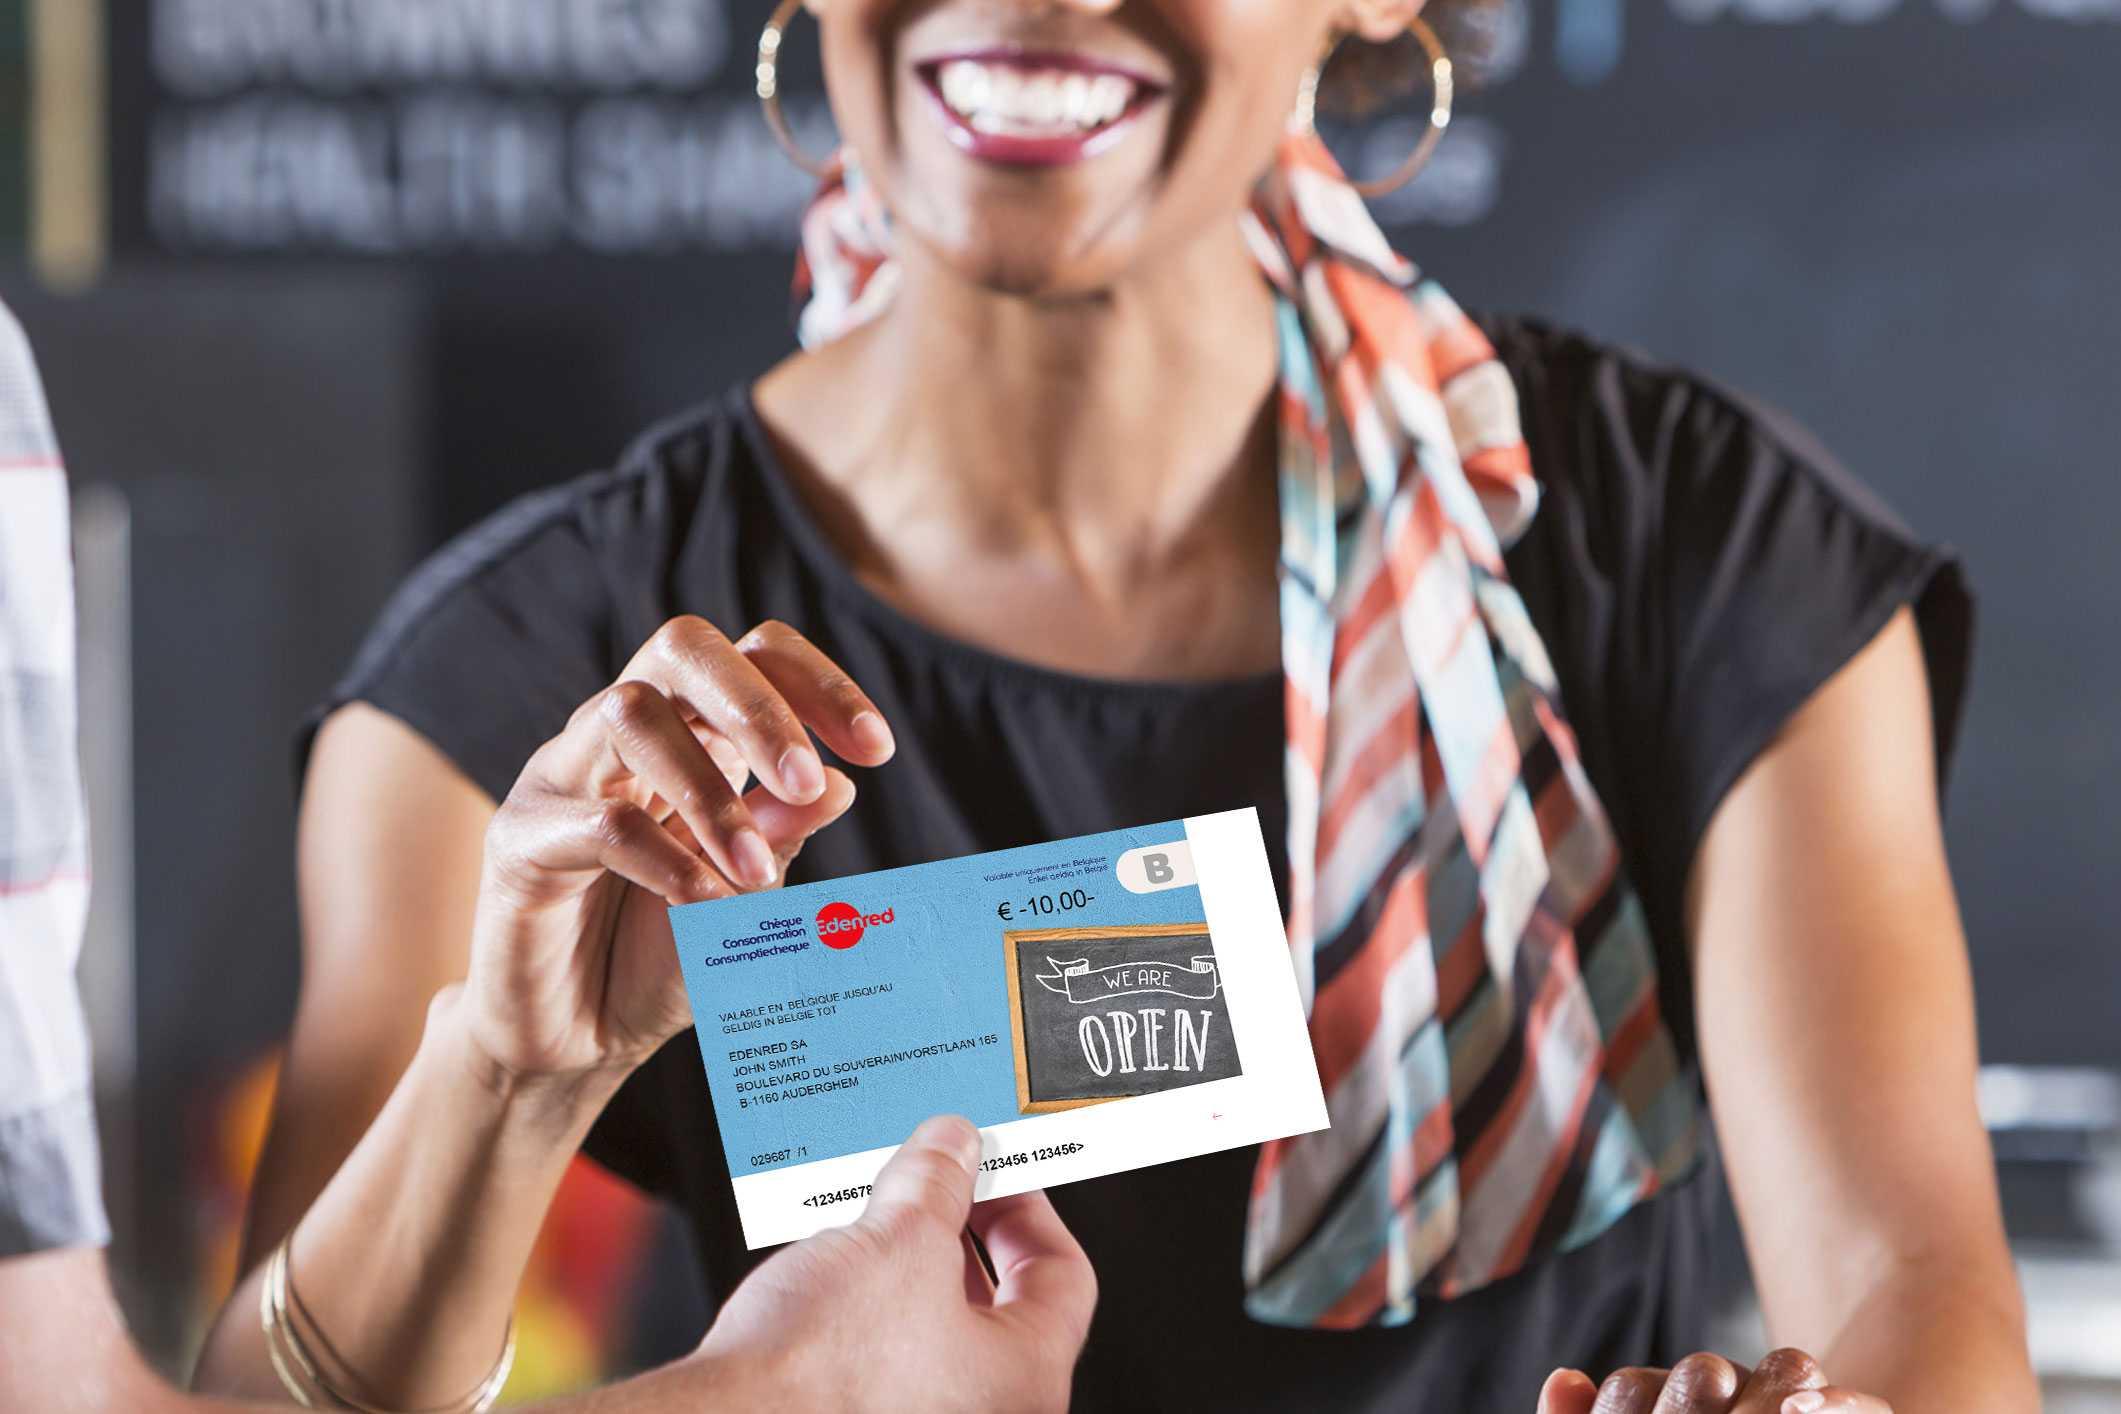 Wij aanvaarden ook de horeca consumptie cheque